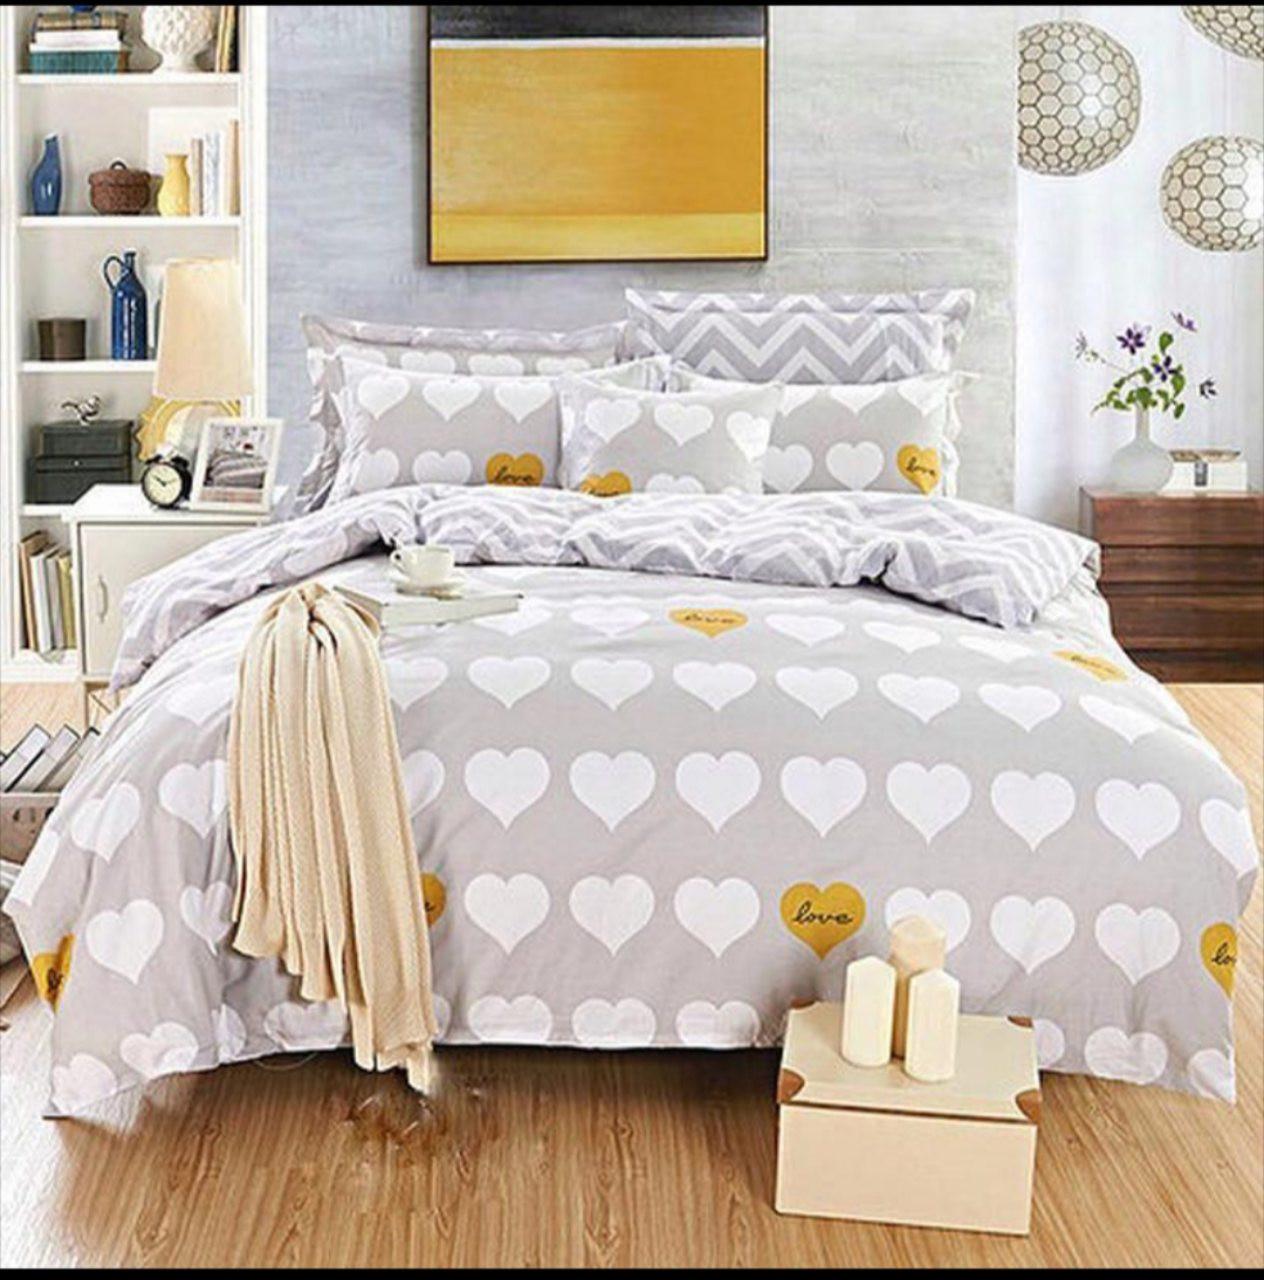 Комплект постельного белья евро на резинке 200*220 хлопок (12080) TM KRISPOL Украина